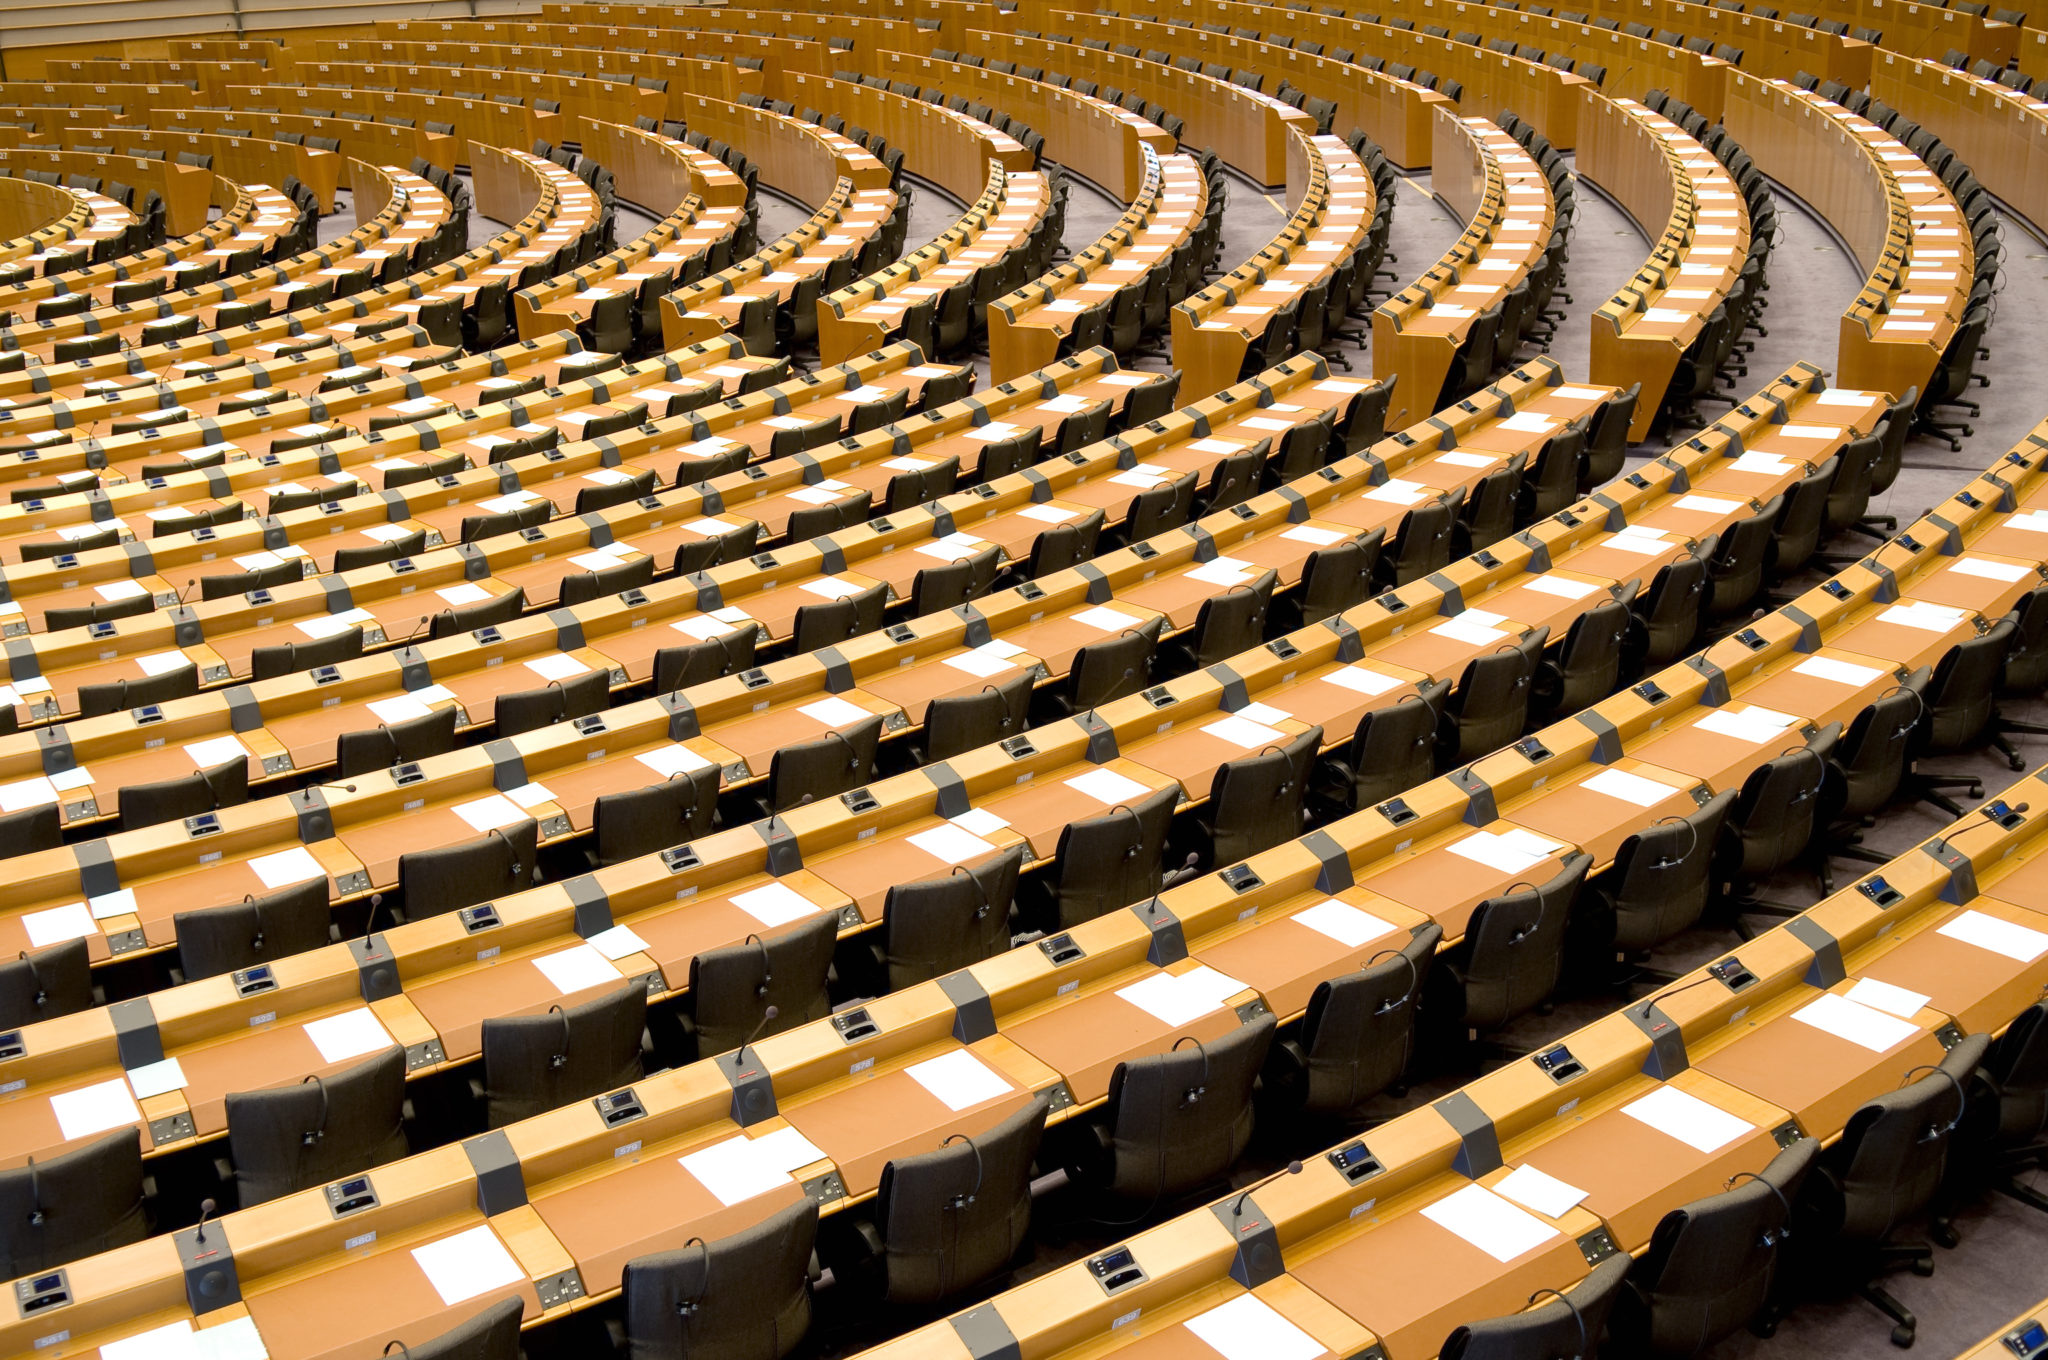 GEN_assembly_room_european_parliament